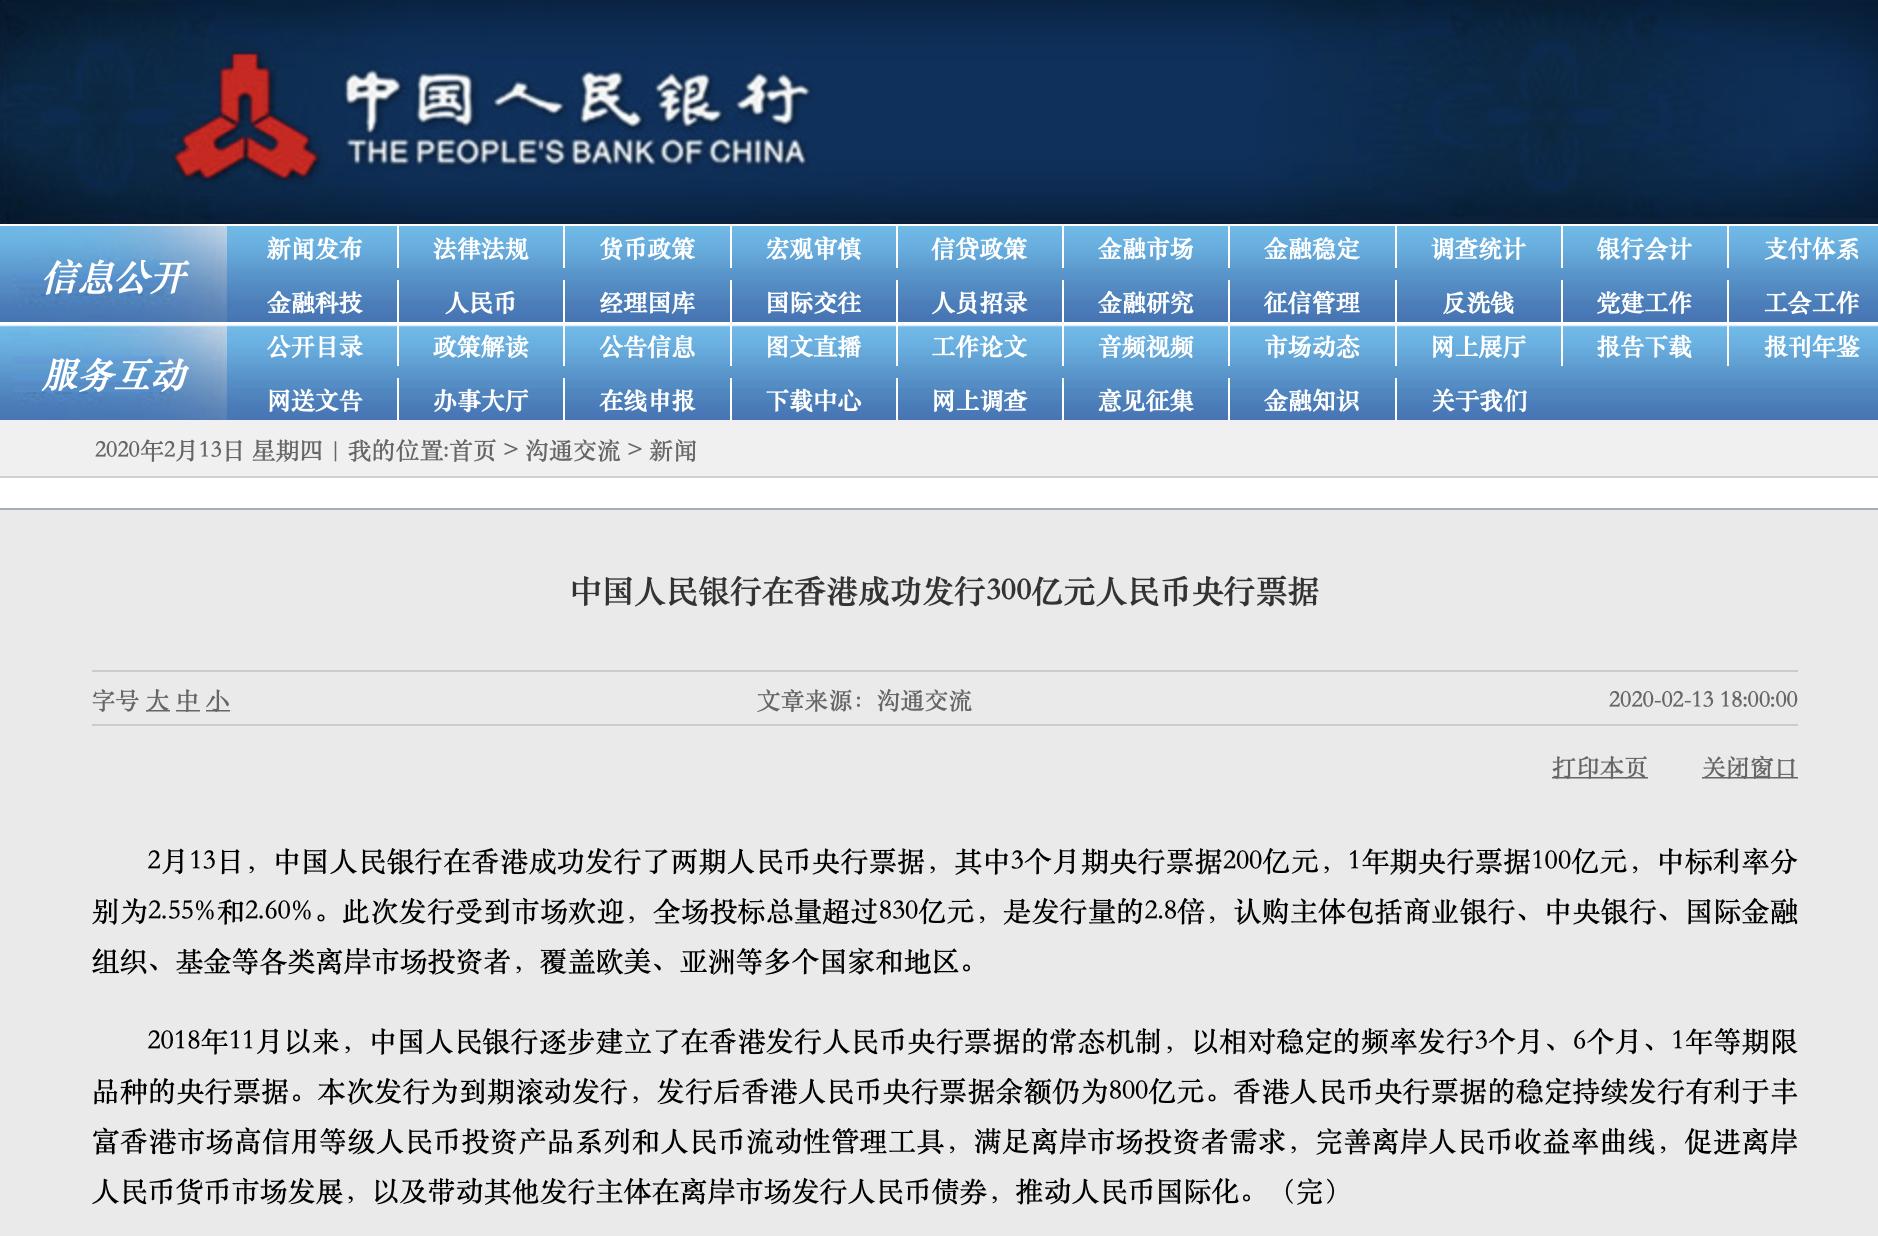 """""""央行:在香港成功发行300亿元人民币央行票据"""